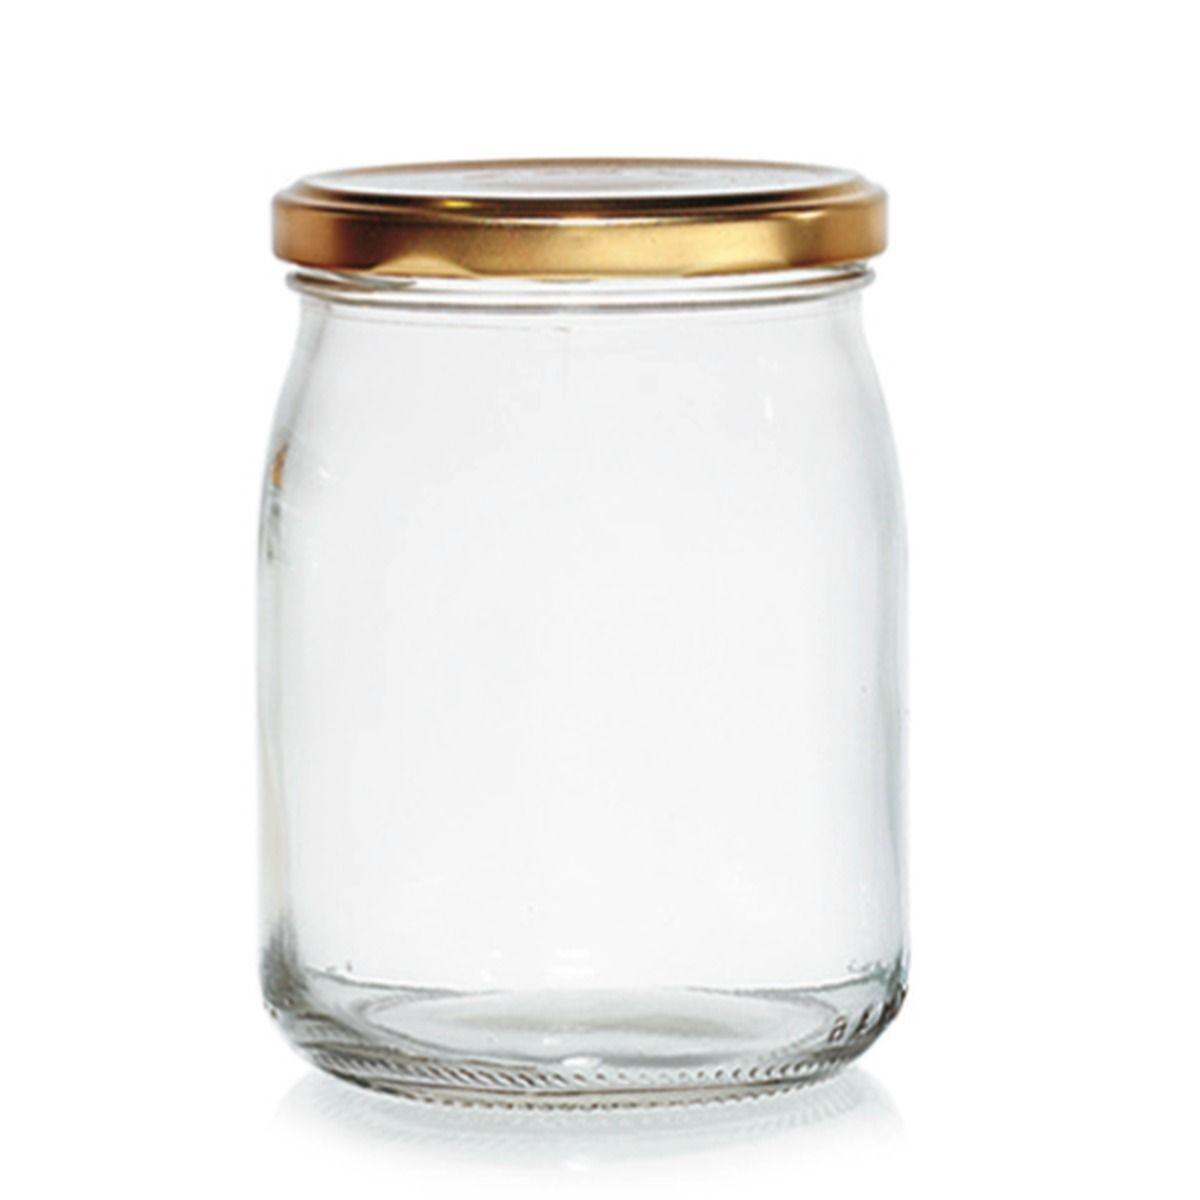 Bocal à confiture en verre avec couvercle doré 500 ml - Cerve